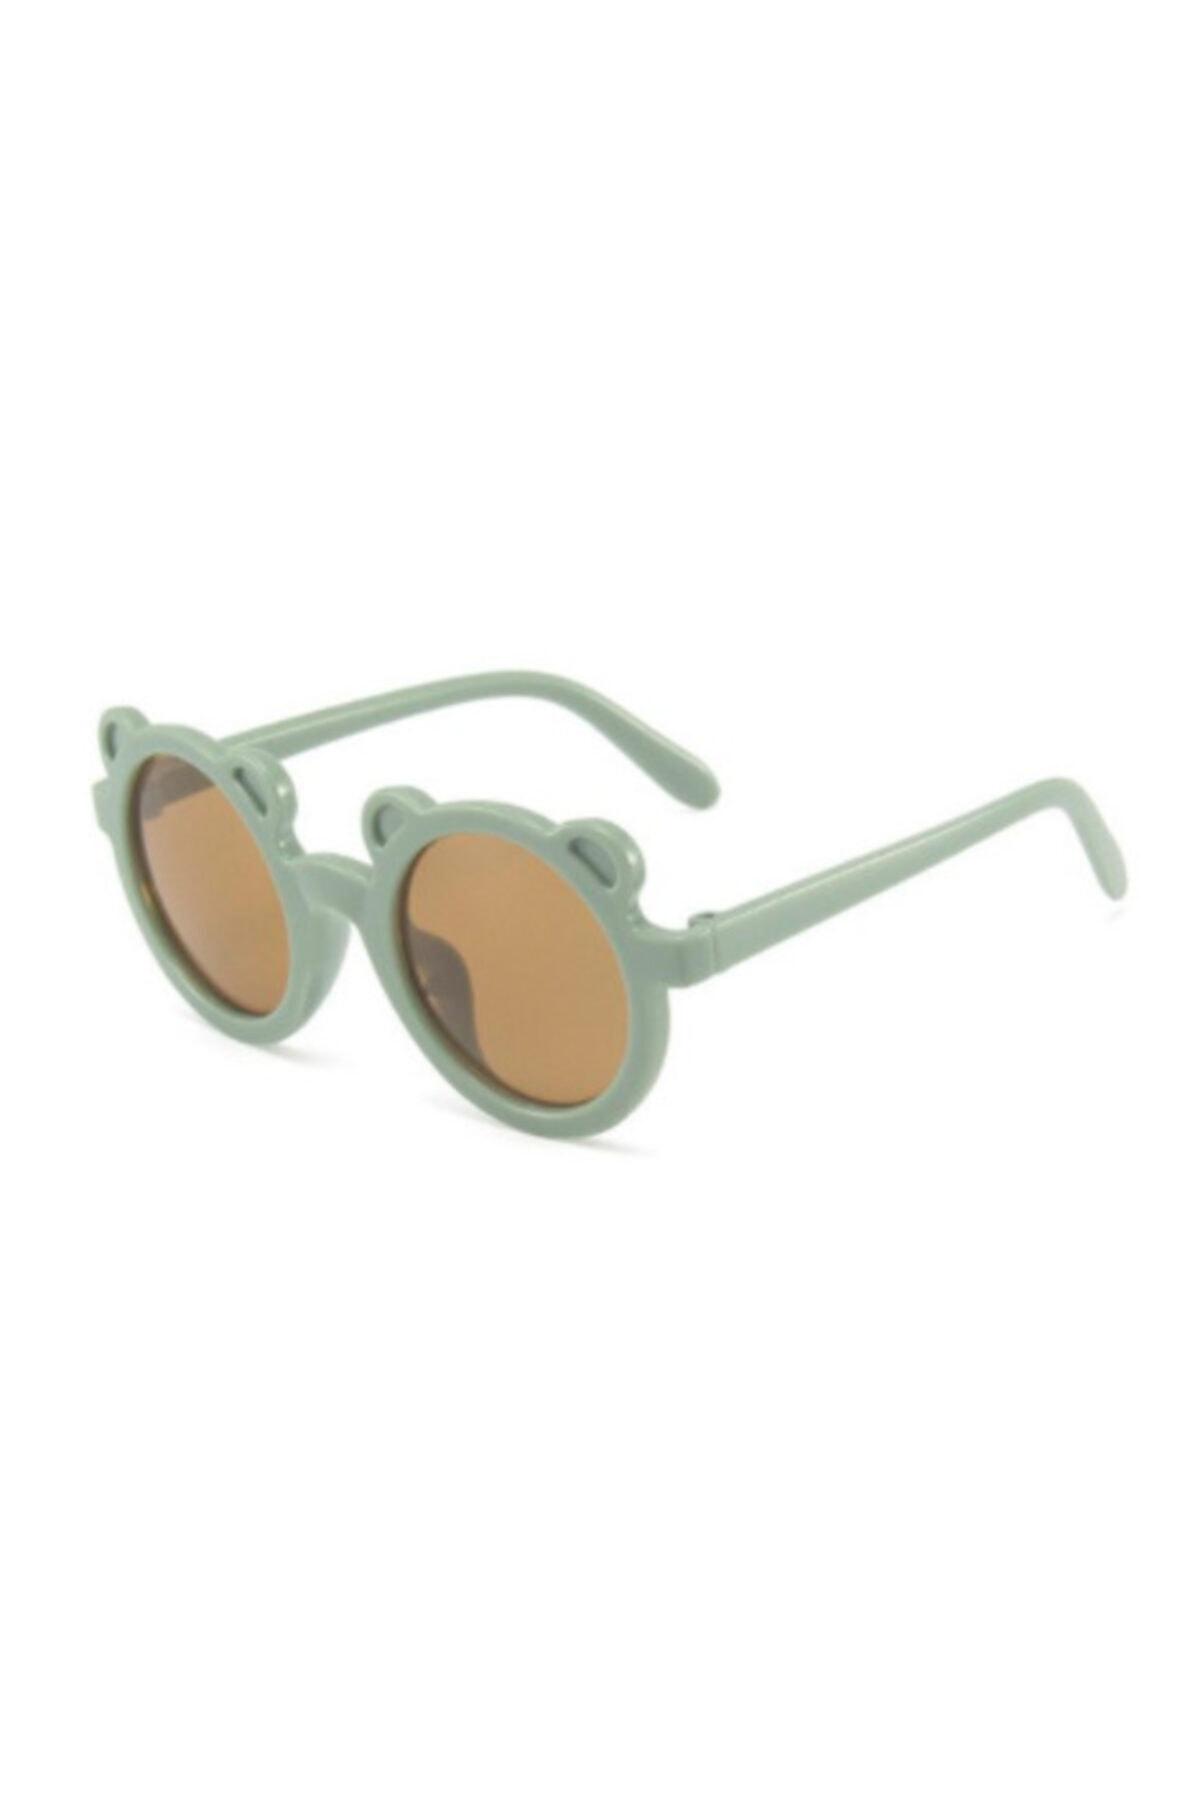 عینک آفتابی بچه گانه پسرانه مدل 2021 برند Petityu رنگ سبز کد ty96000834